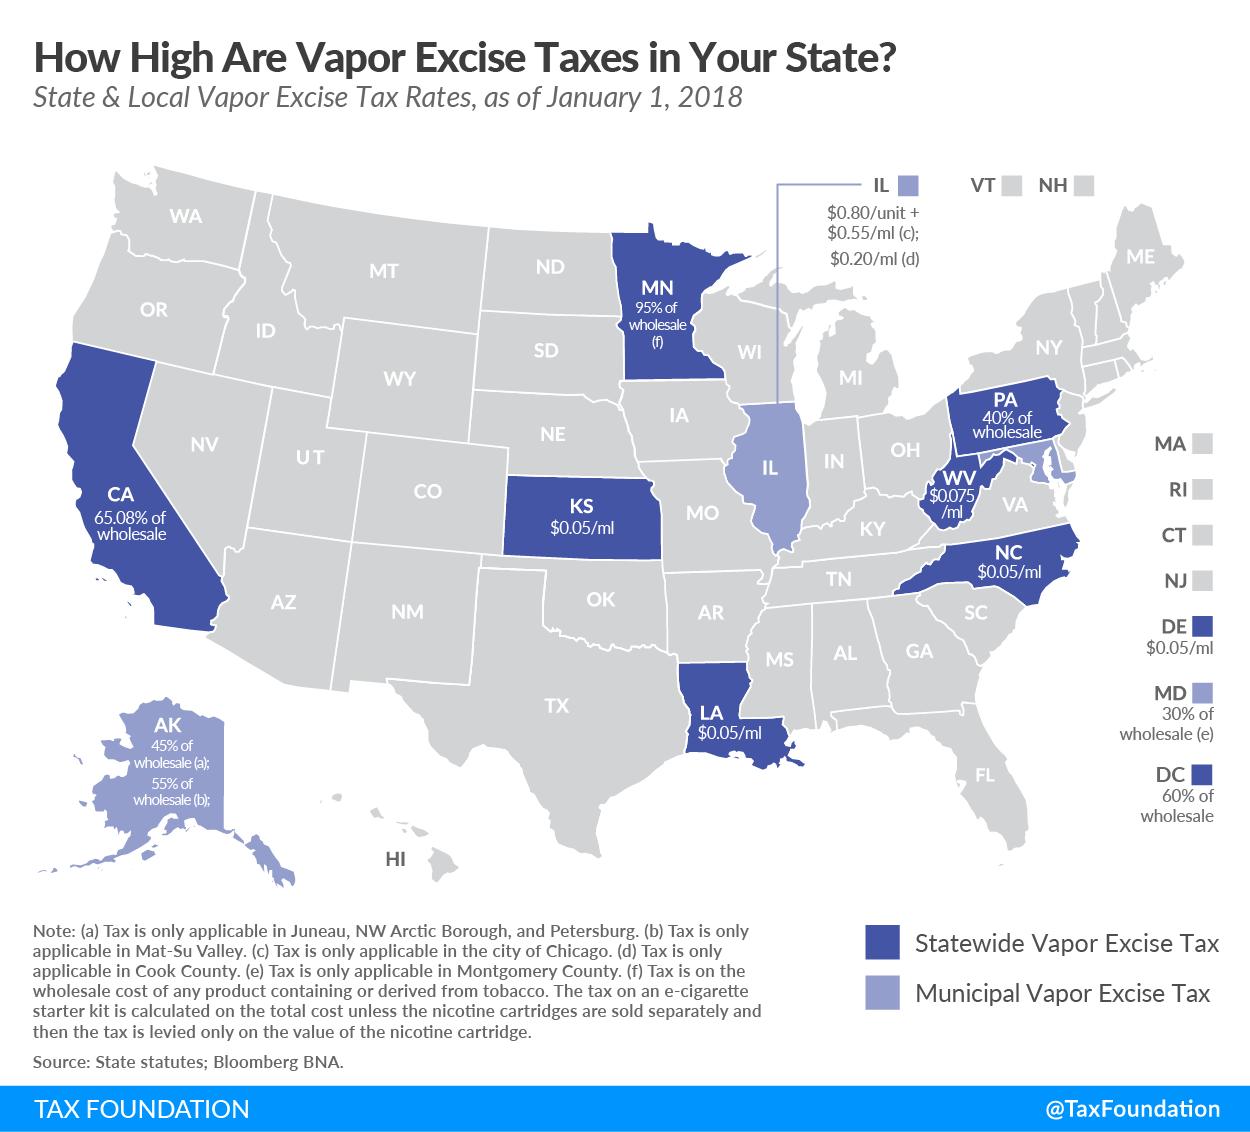 State & Local Vapor Taxes 2018